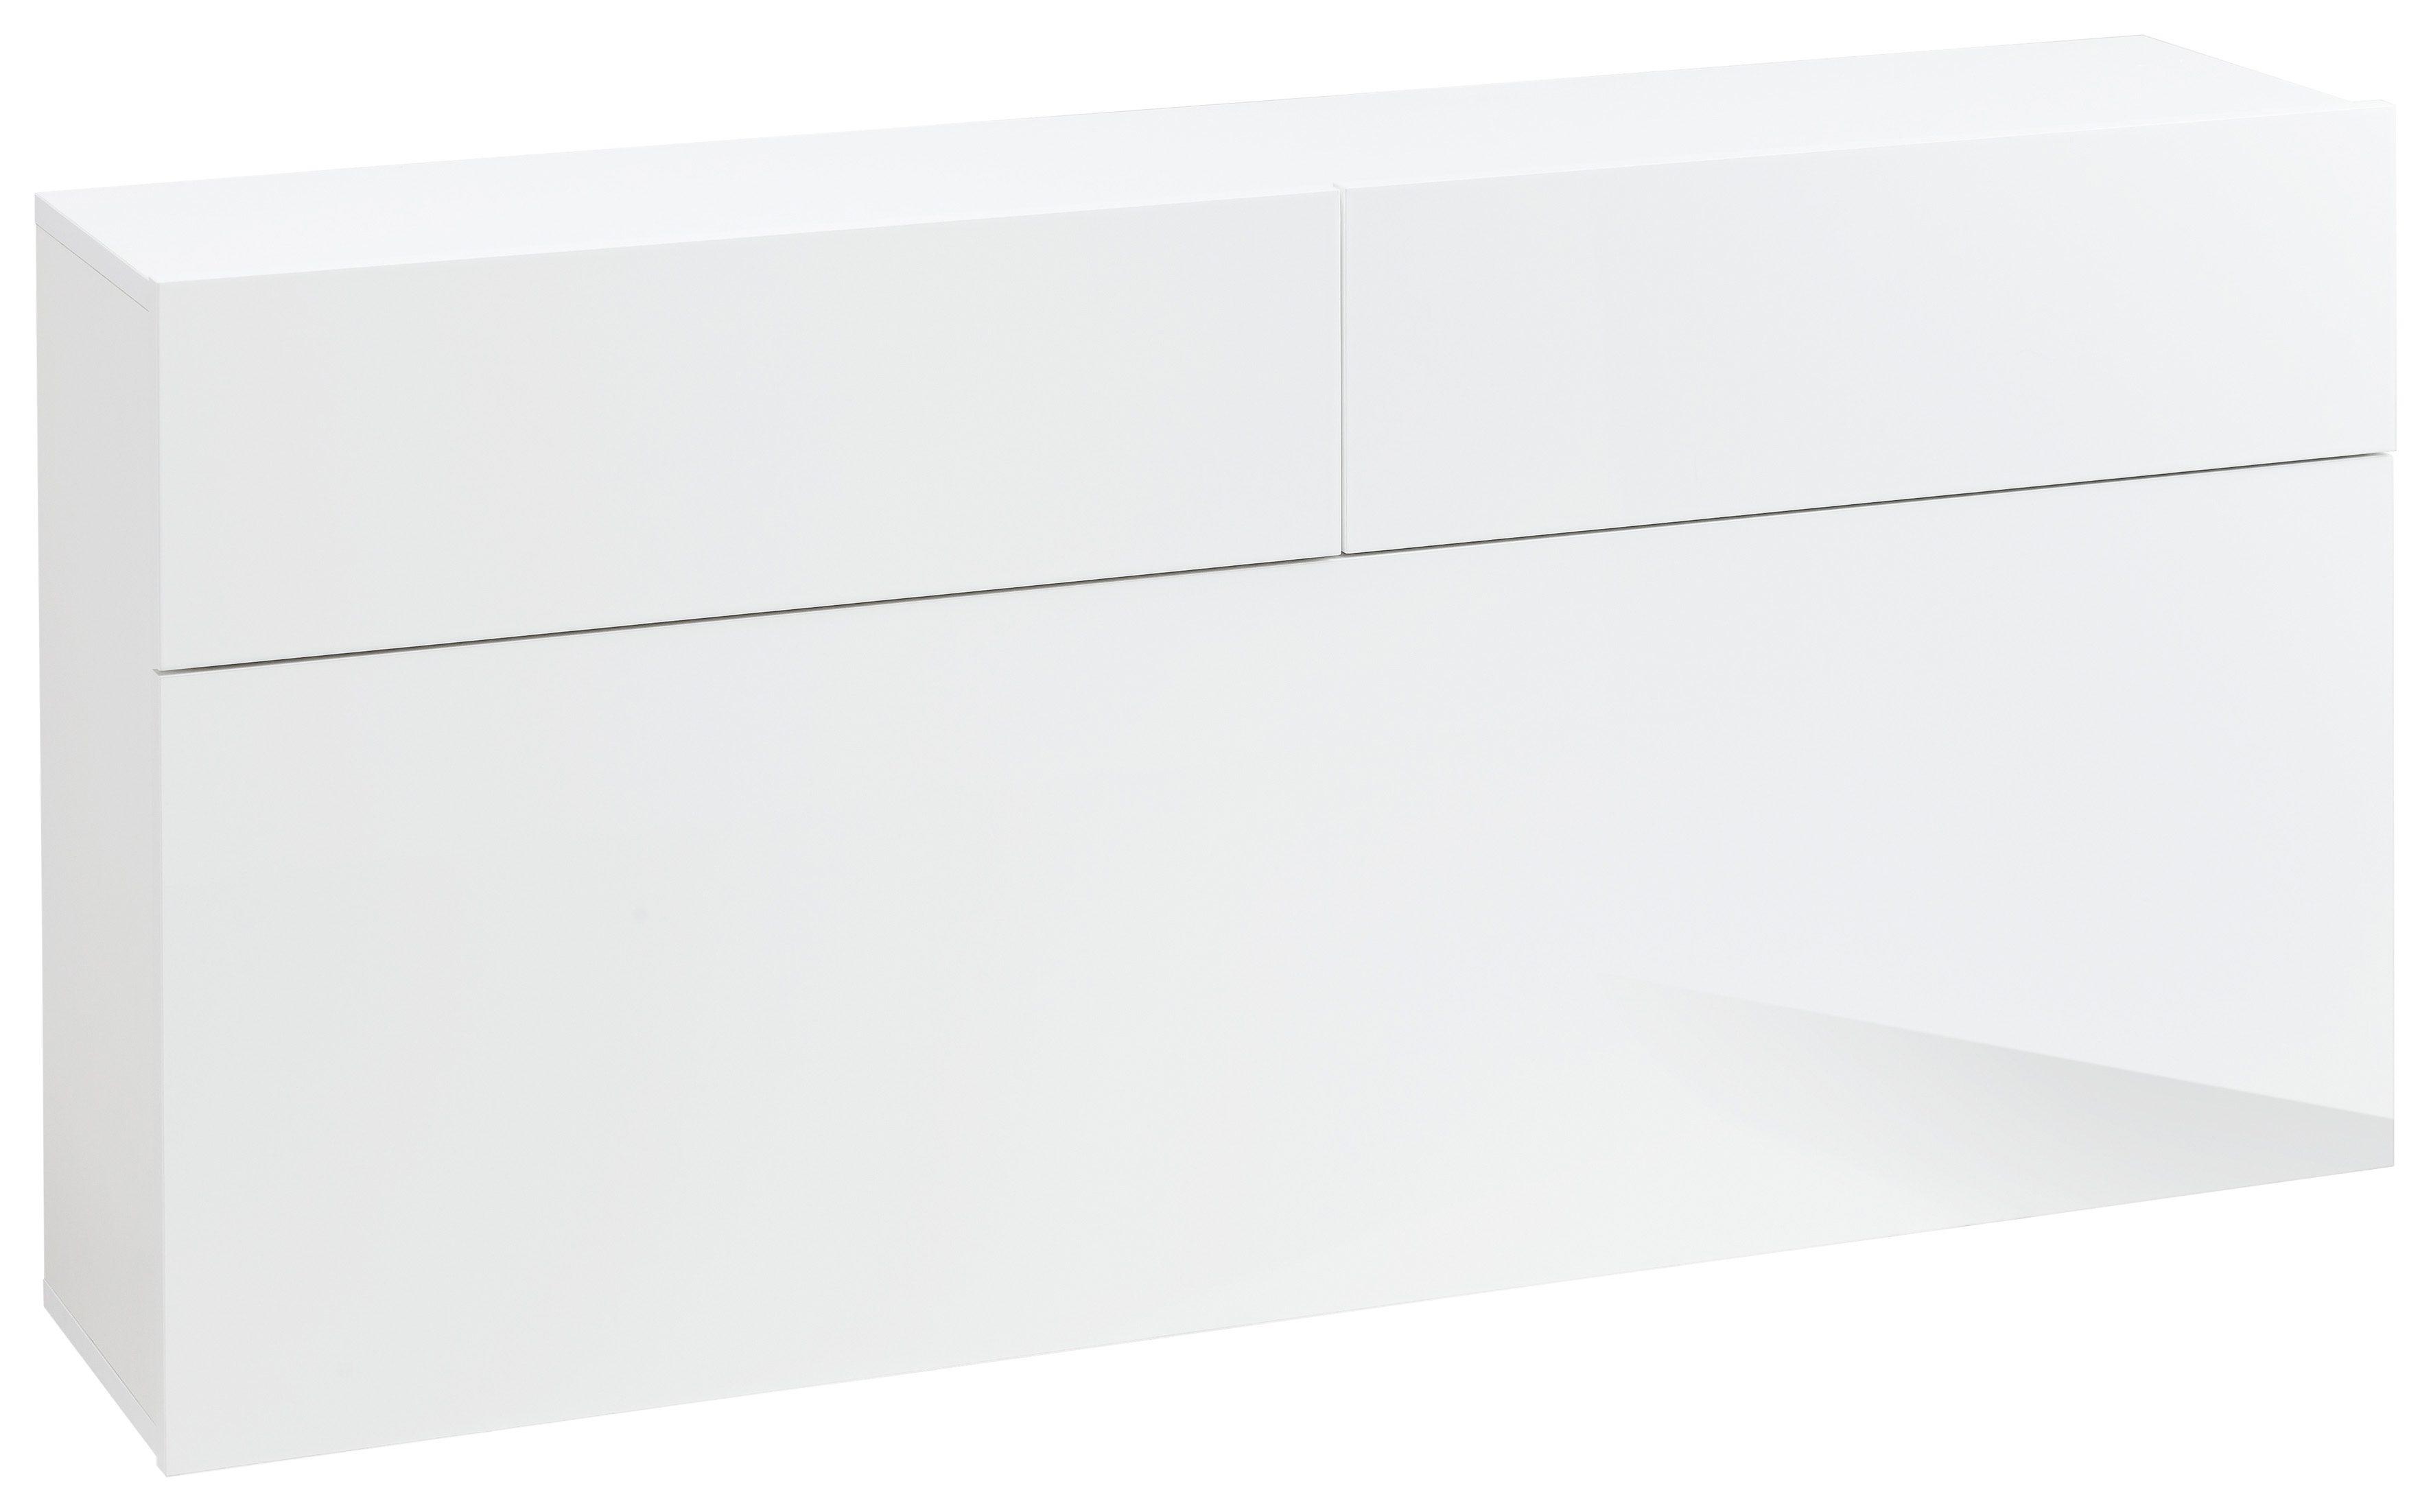 Places of Style Schuhschrank »Verona«, Breite 121 cm, mit griffloser Optik